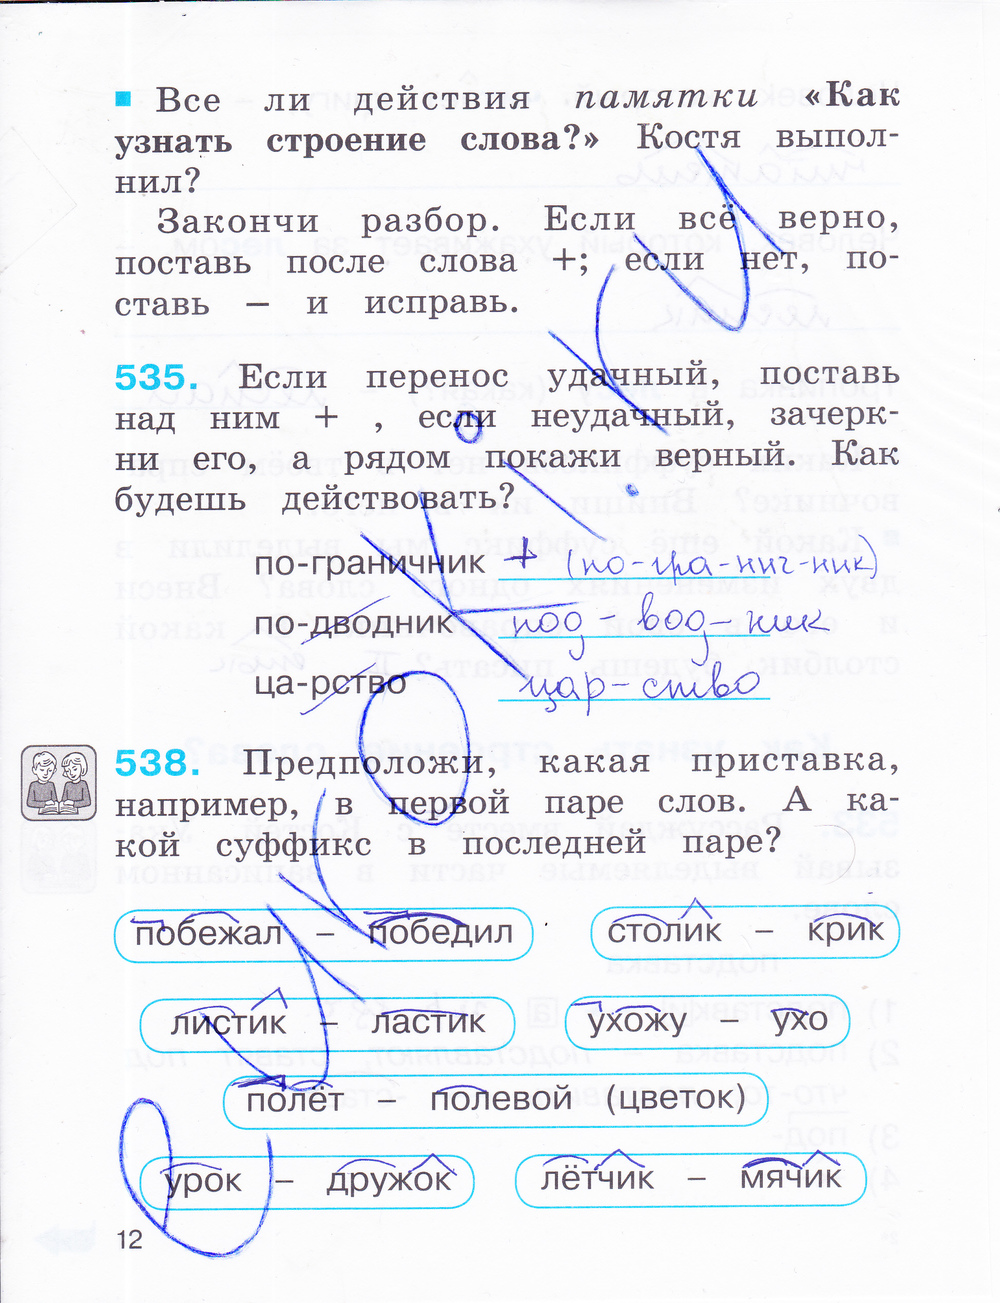 гдз по русскому языку 2 класс соловейчик и кузьменко